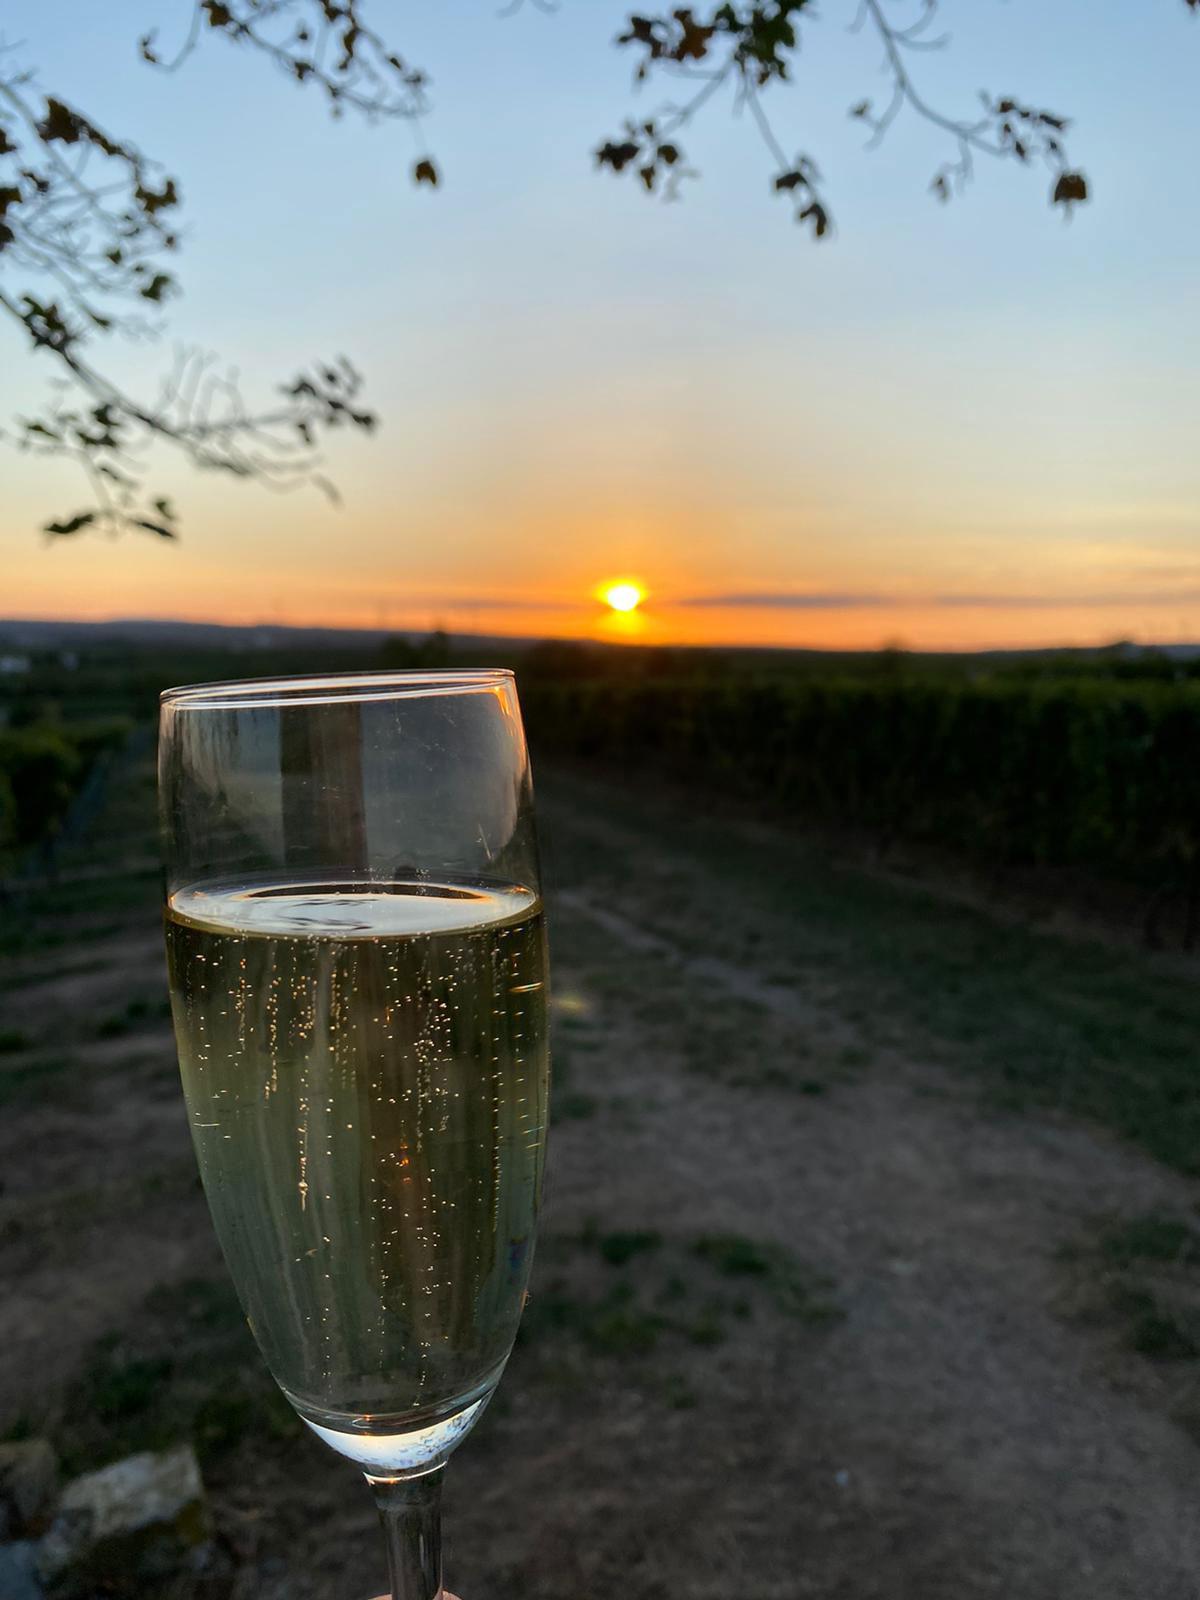 Sektglas und Sonnenuntergang